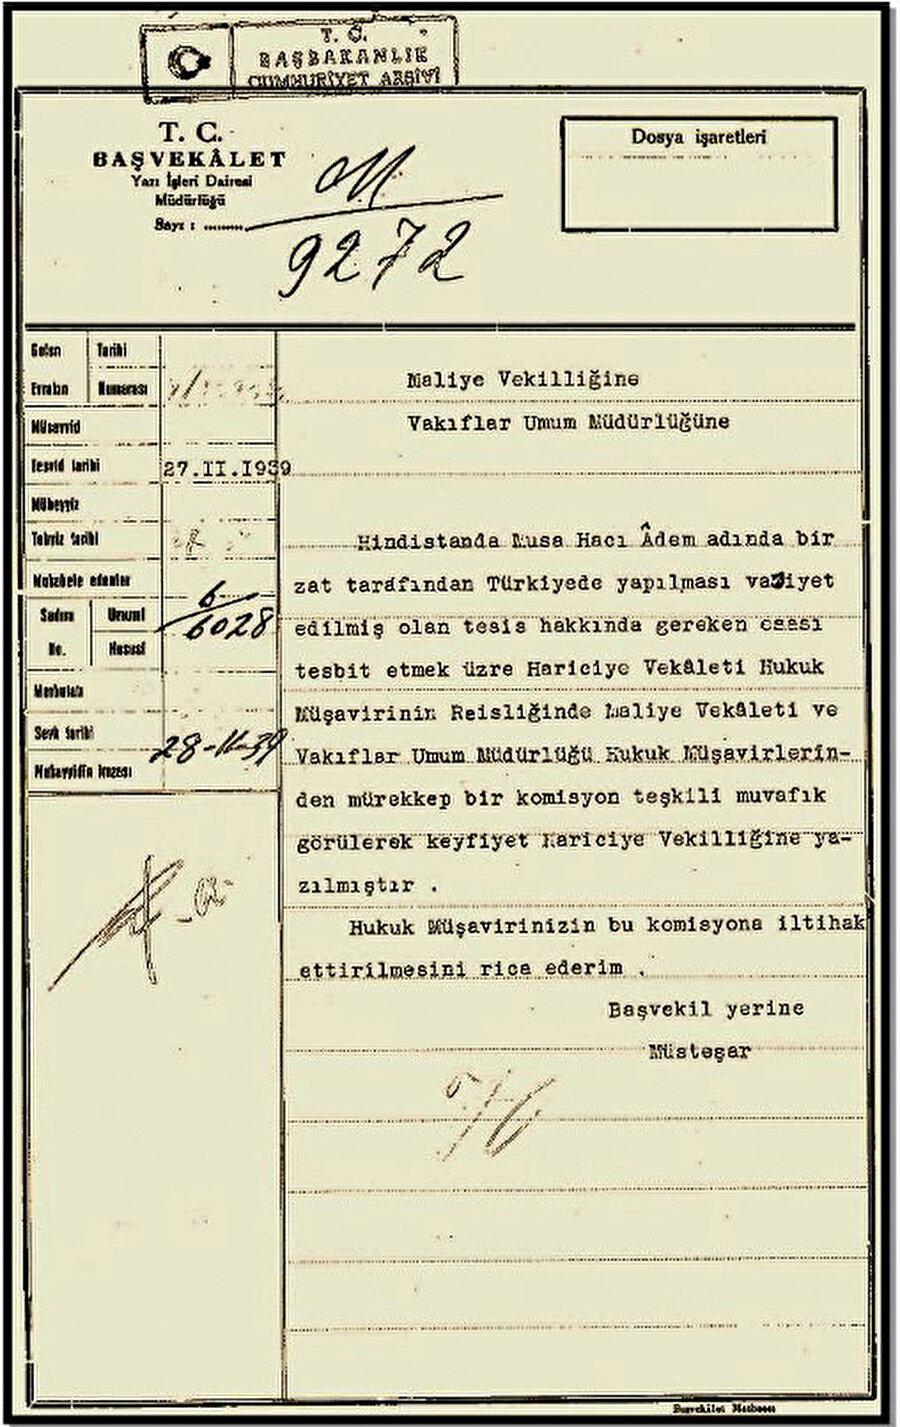 1939 yılında dahi bazı Güney Afrikalı Müslümanların miraslarını Türkiye'ye bağışlıyor olmaları Sultan Halife Abdülhamid'in Afrika'da kurduğu sağlam bağların müşahhas bir delilidir.